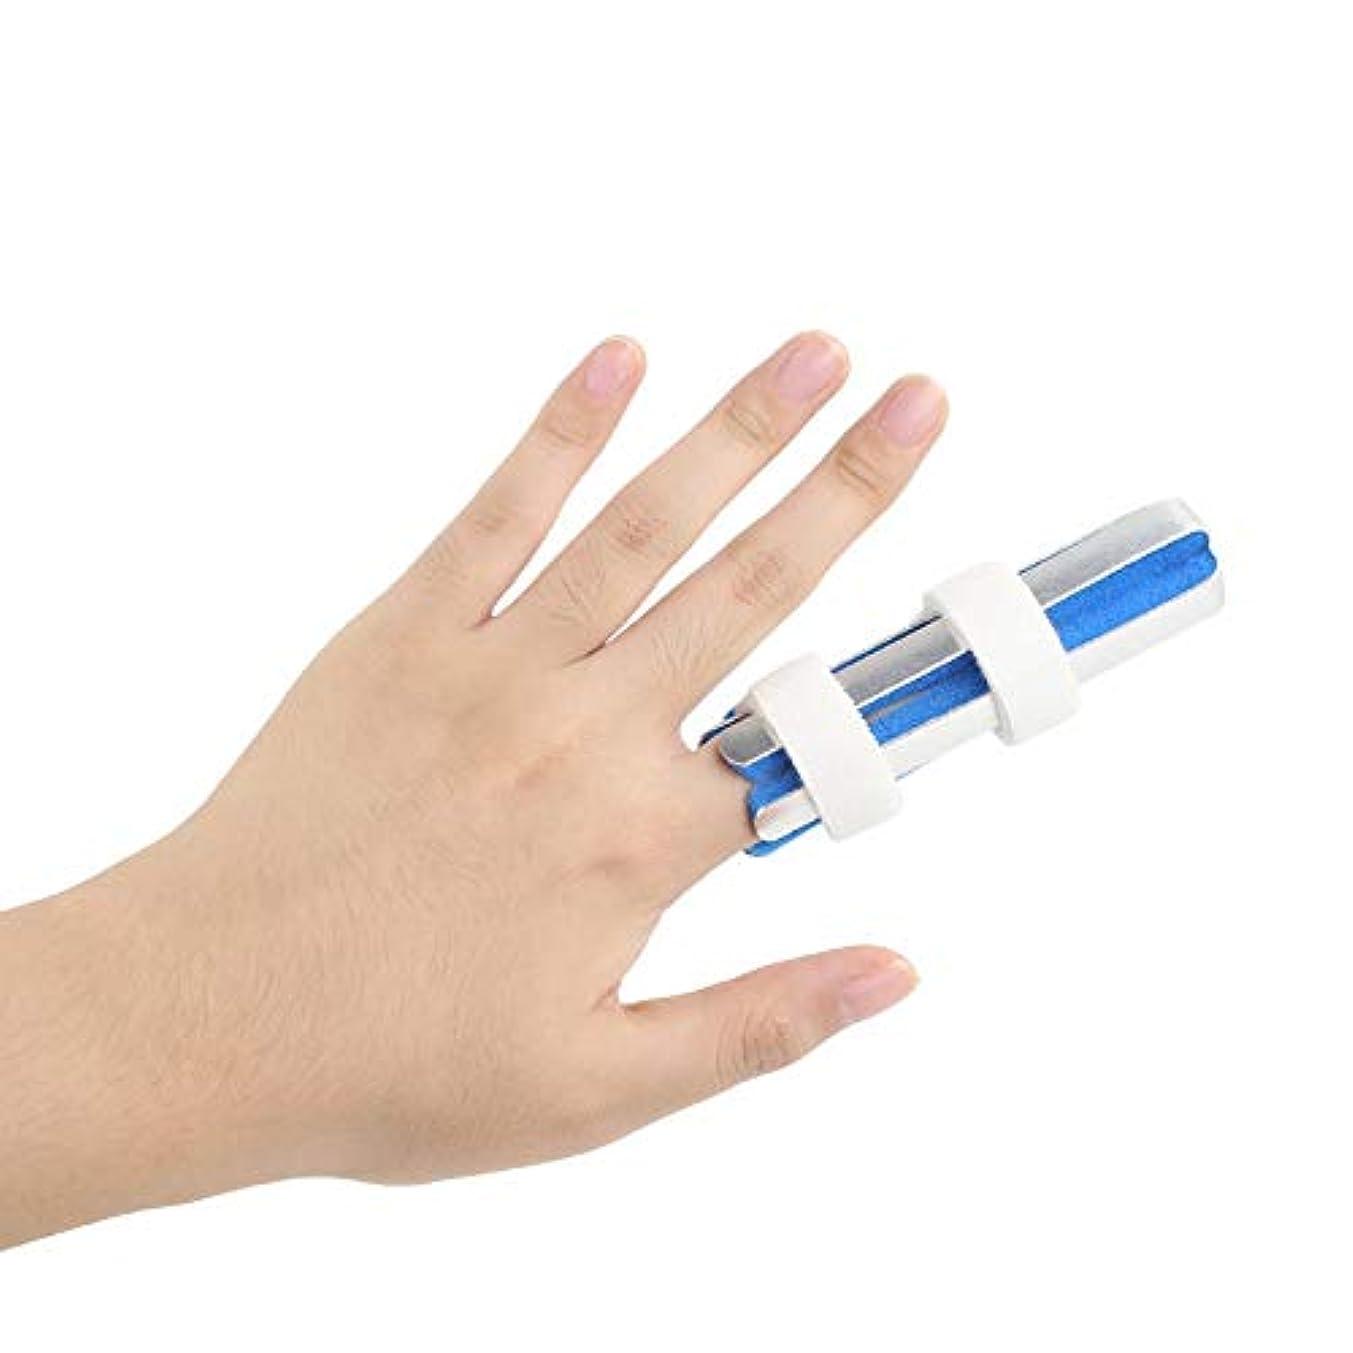 パパ不毛の物質指骨折固定副木 - 保護指のカップリング装具脱臼の痛み指のけがの痛み保護指関節,S